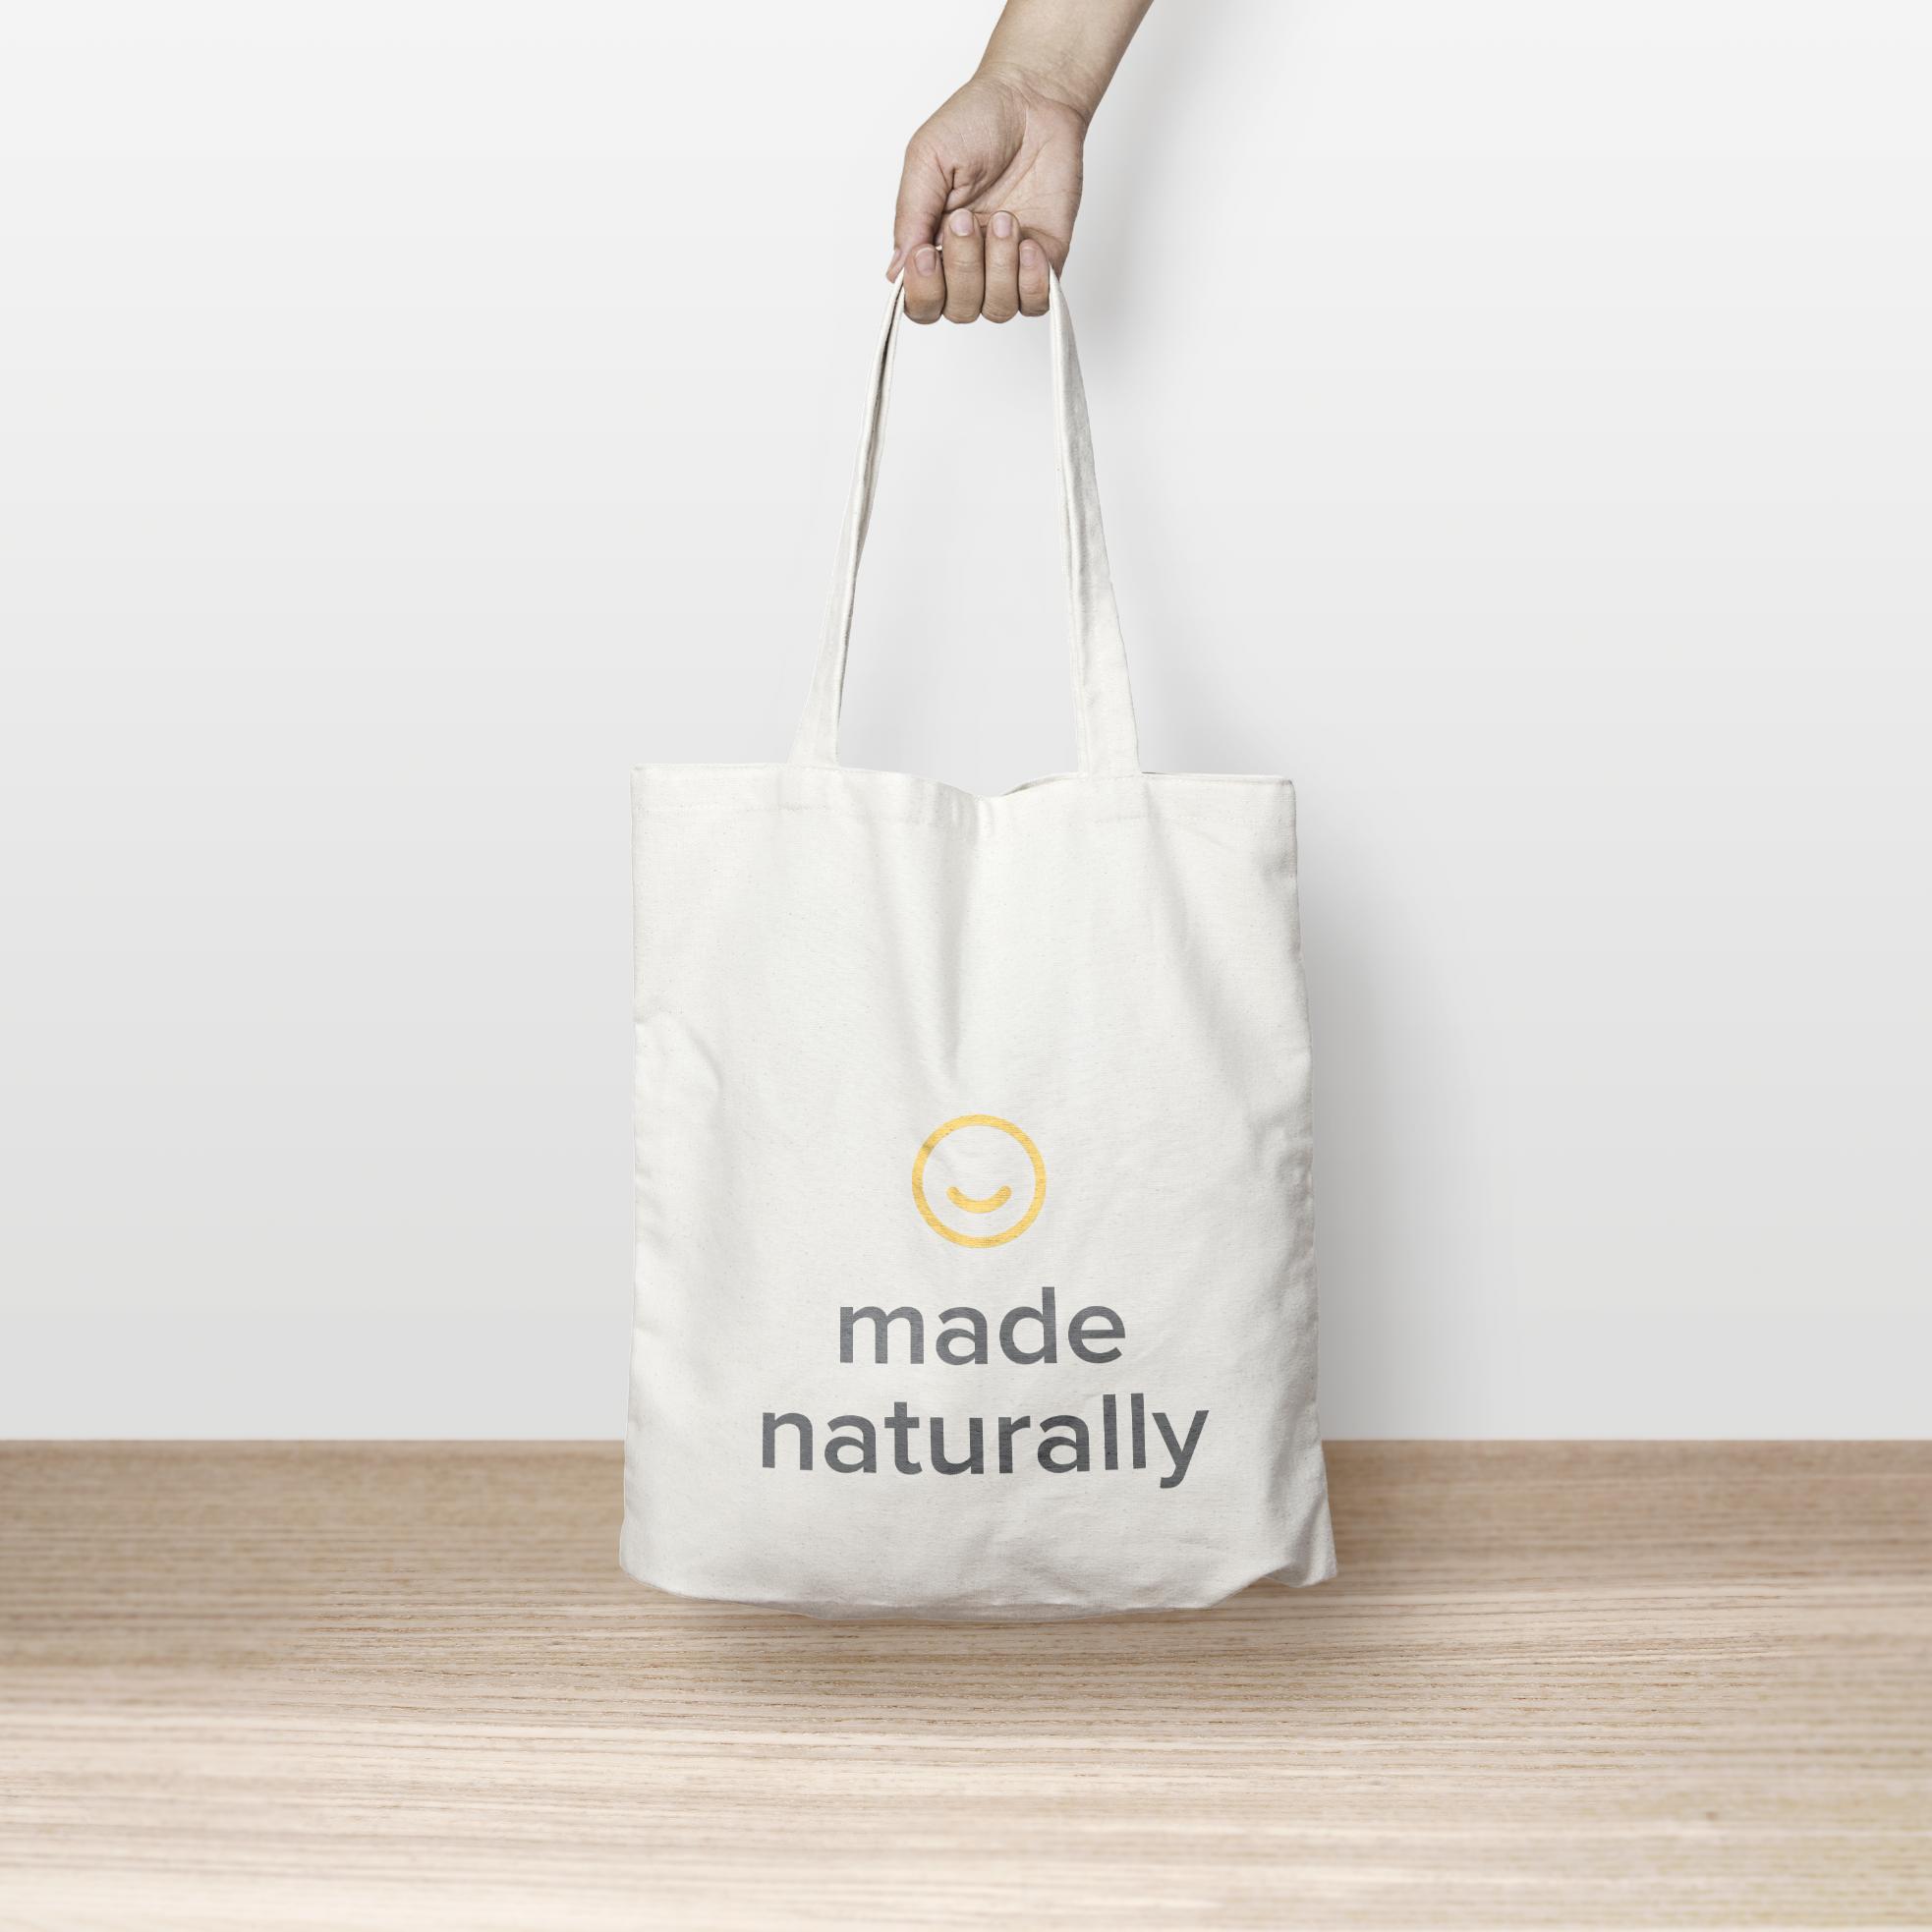 retail-tote-bag-design.jpg